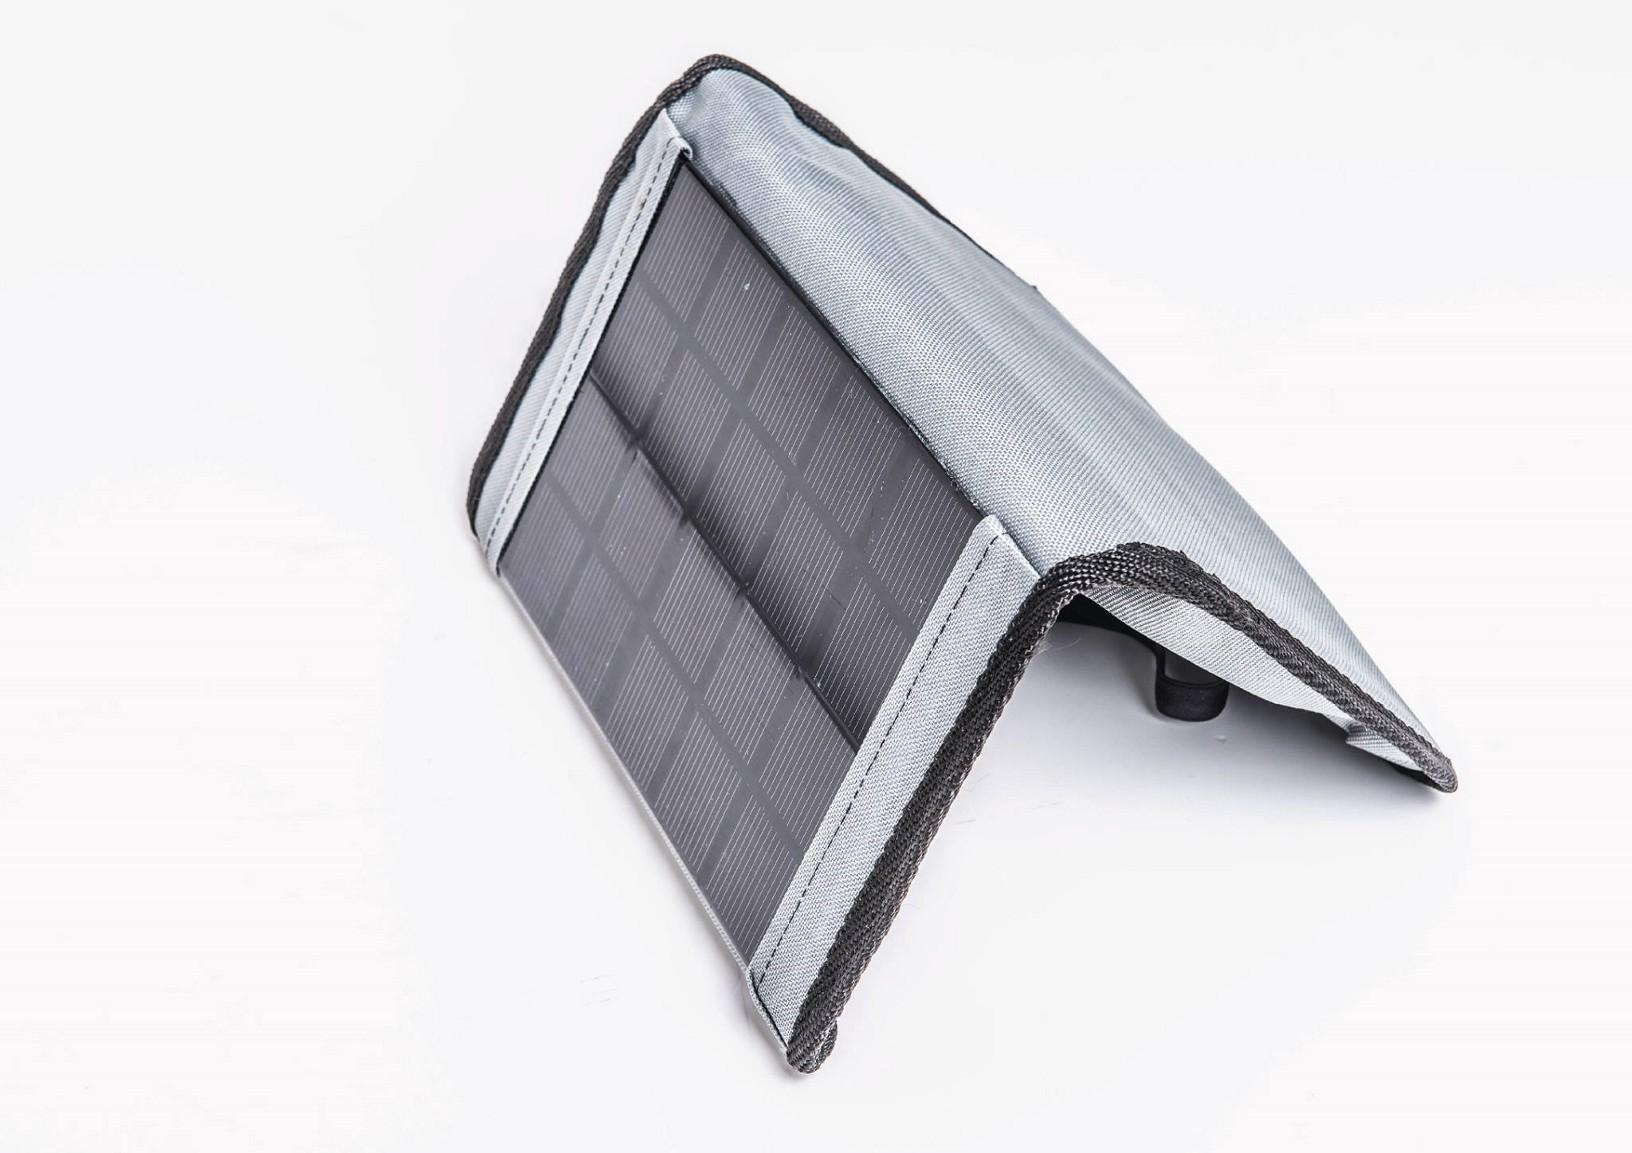 Cargador solar latinoamerica